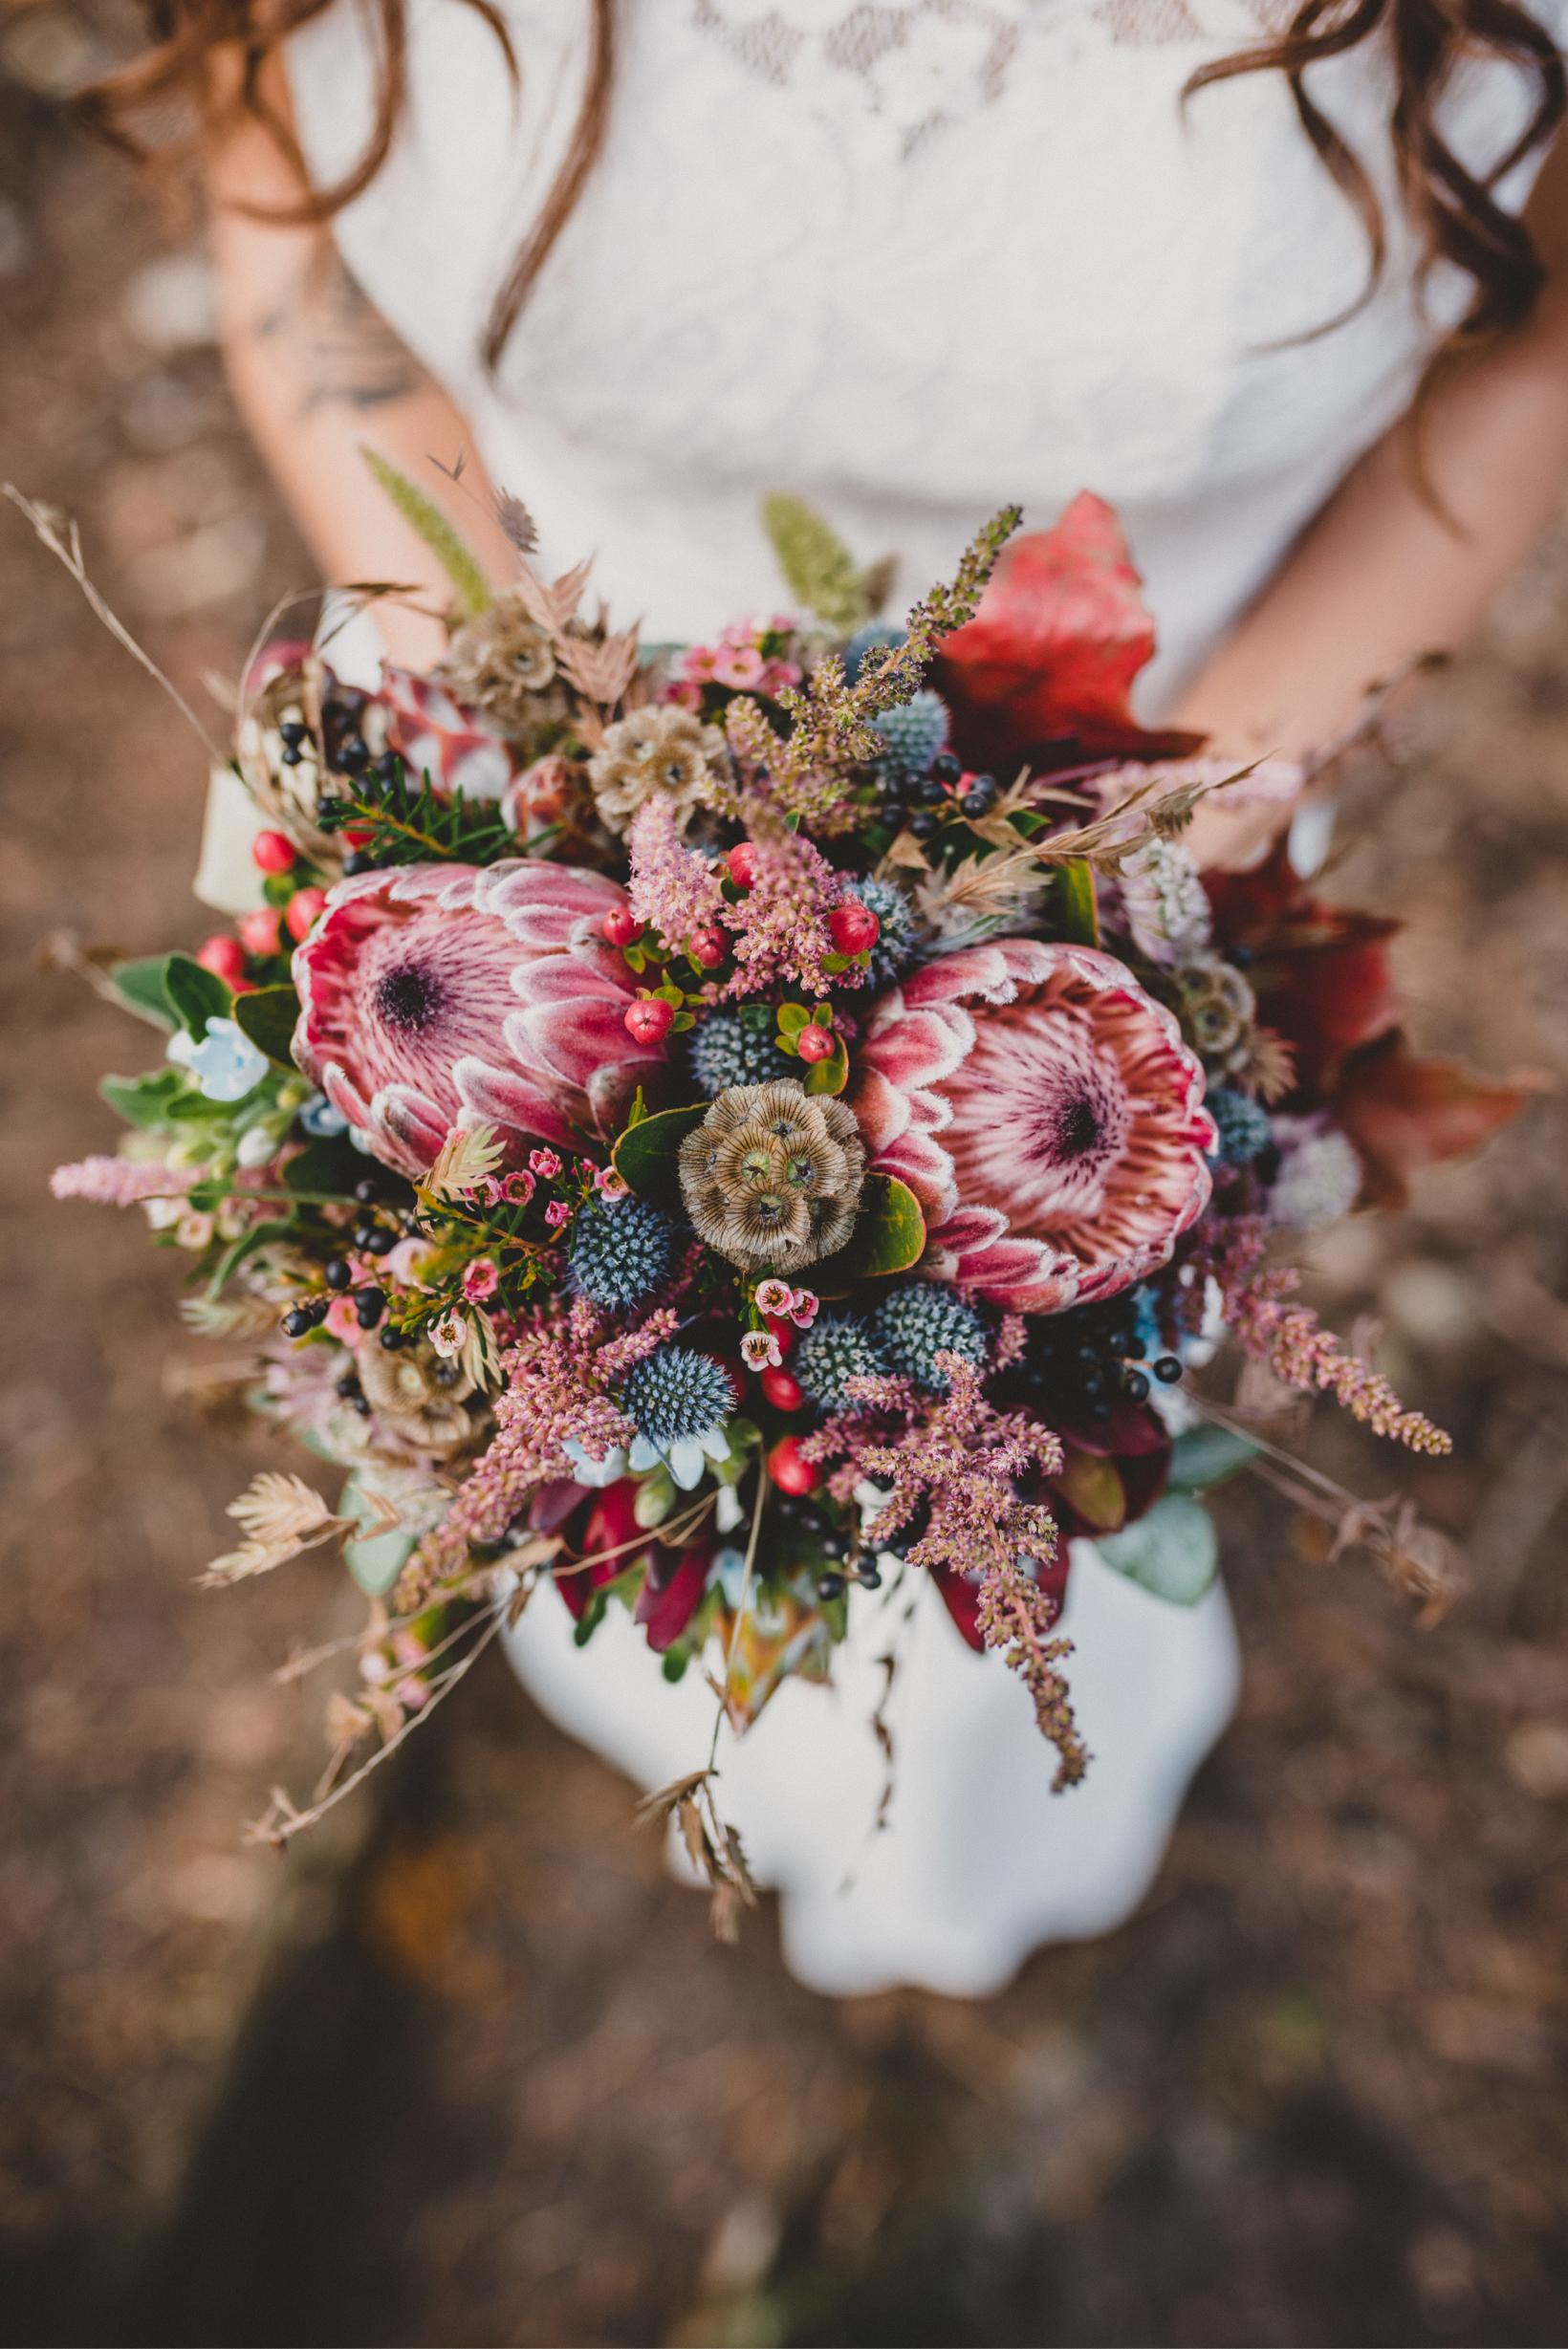 woman holding protea bouquet